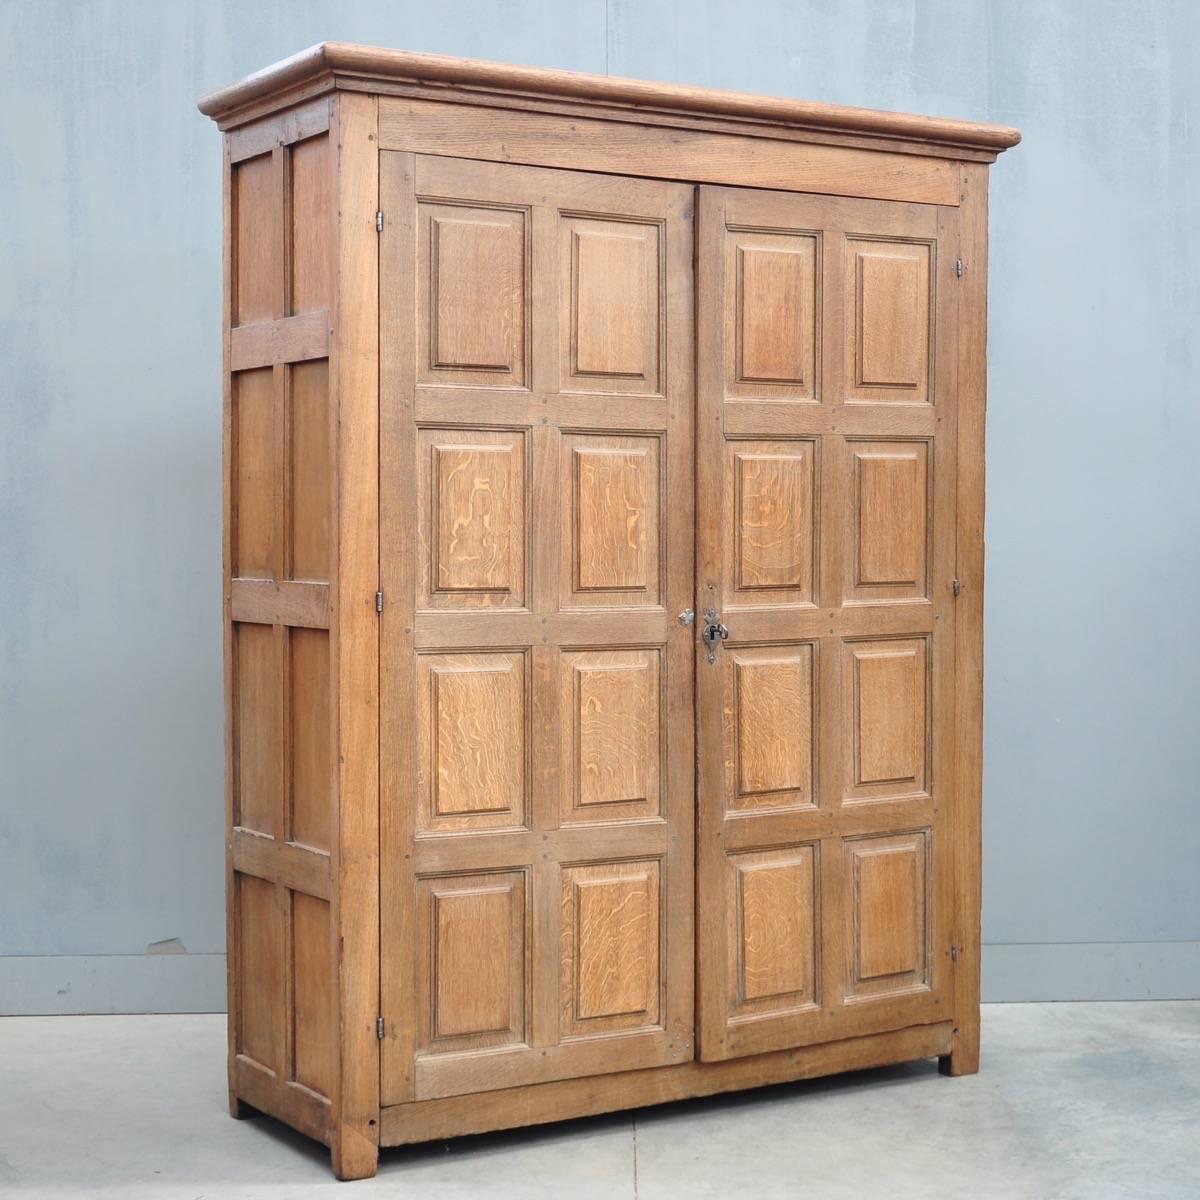 antique cupboard for sale Antique Flemish cupboard | De Grande Antique Furniture antique cupboard for sale